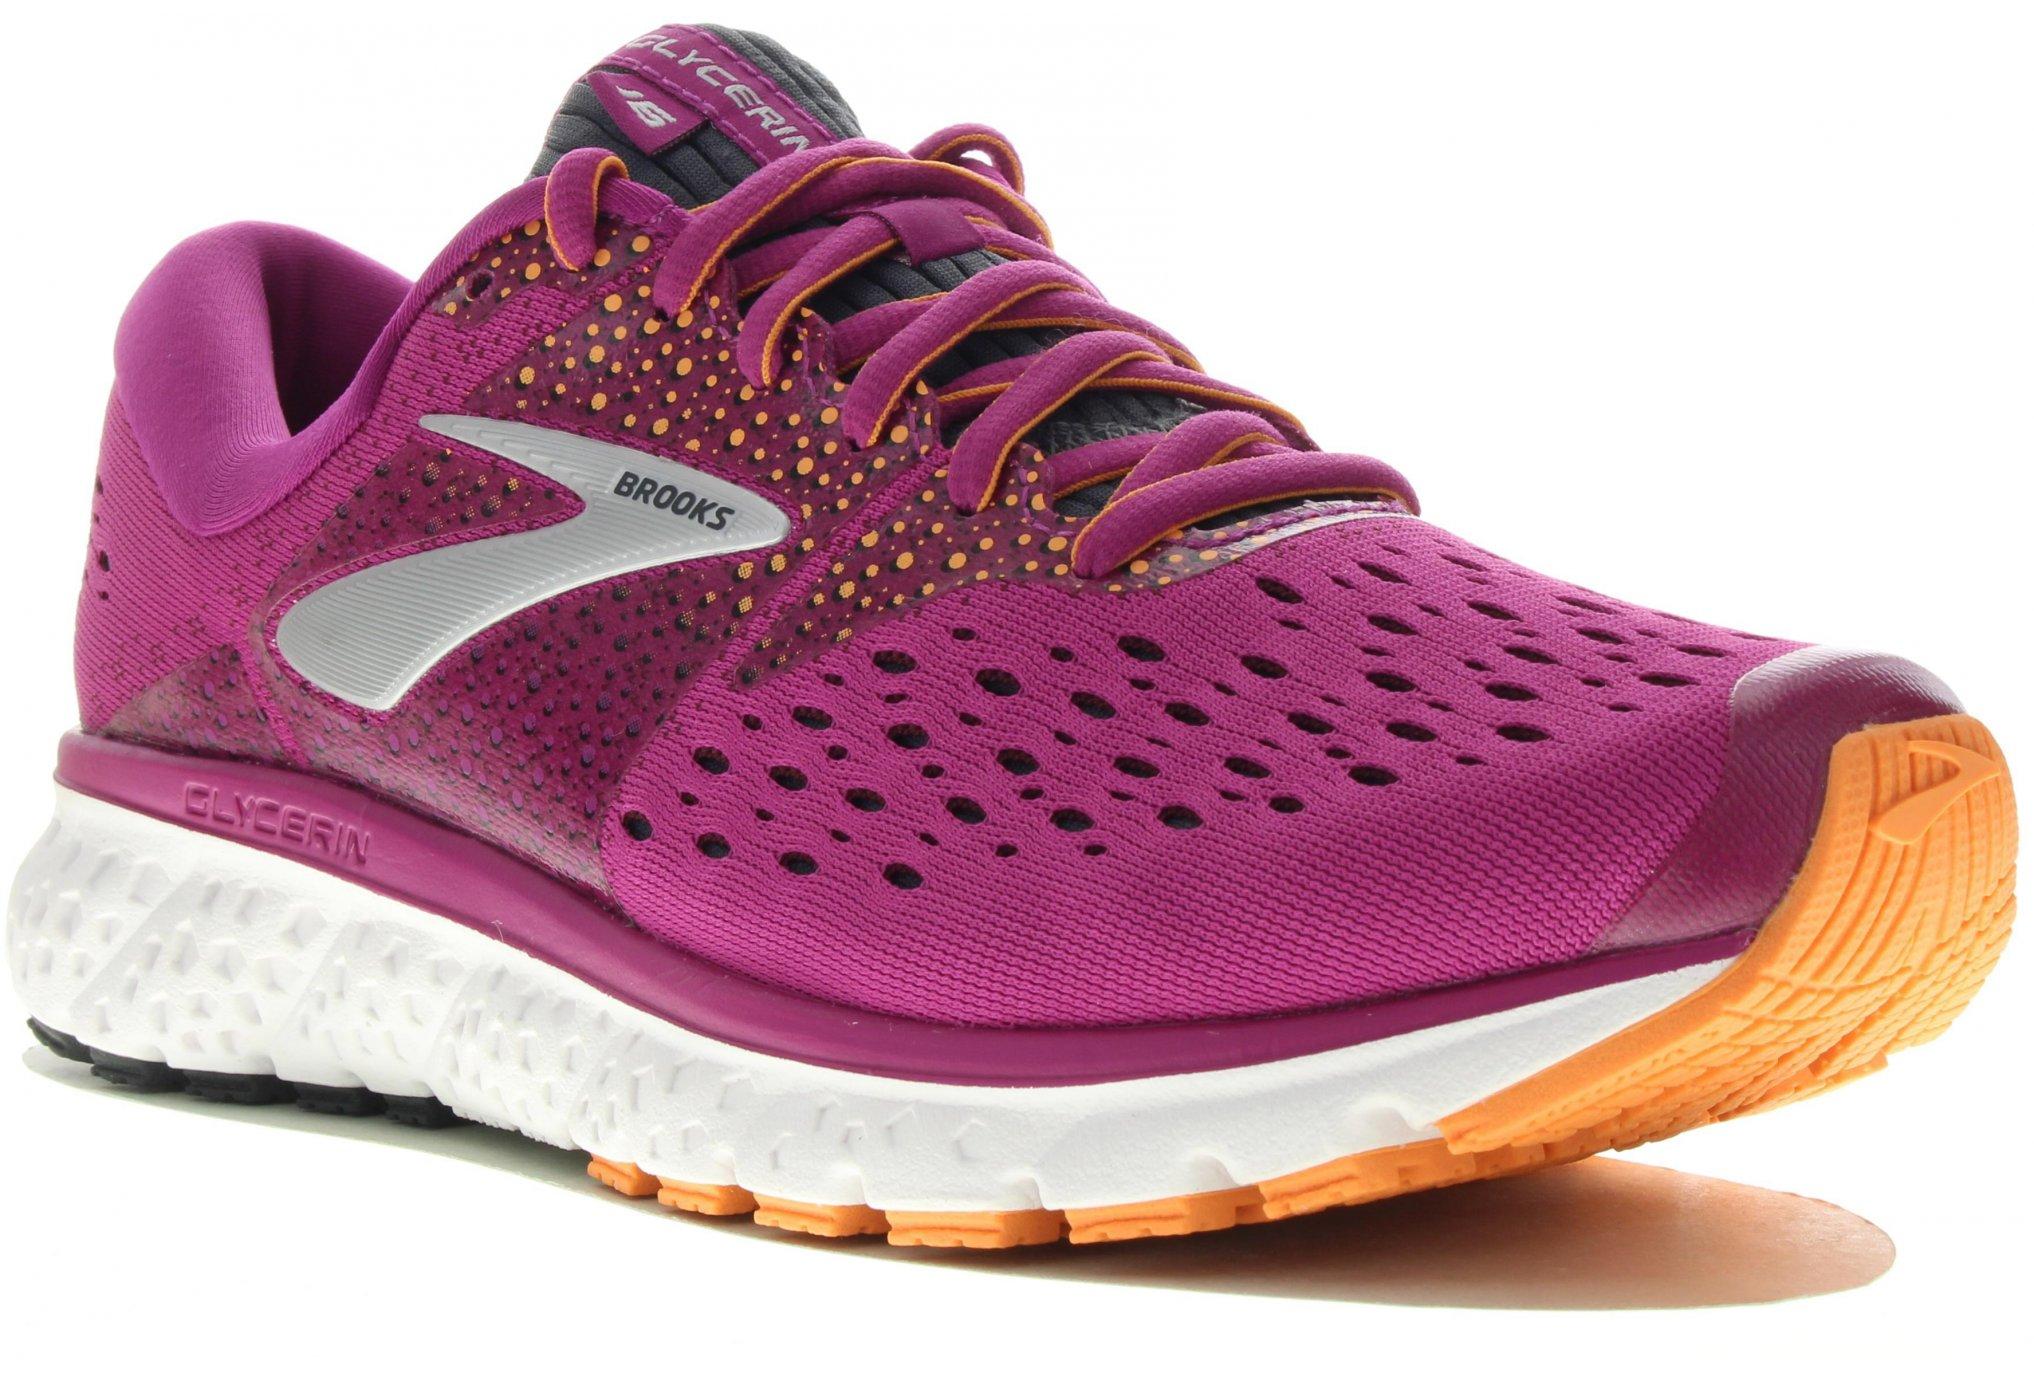 Brooks Glycerin 16 Chaussures running femme